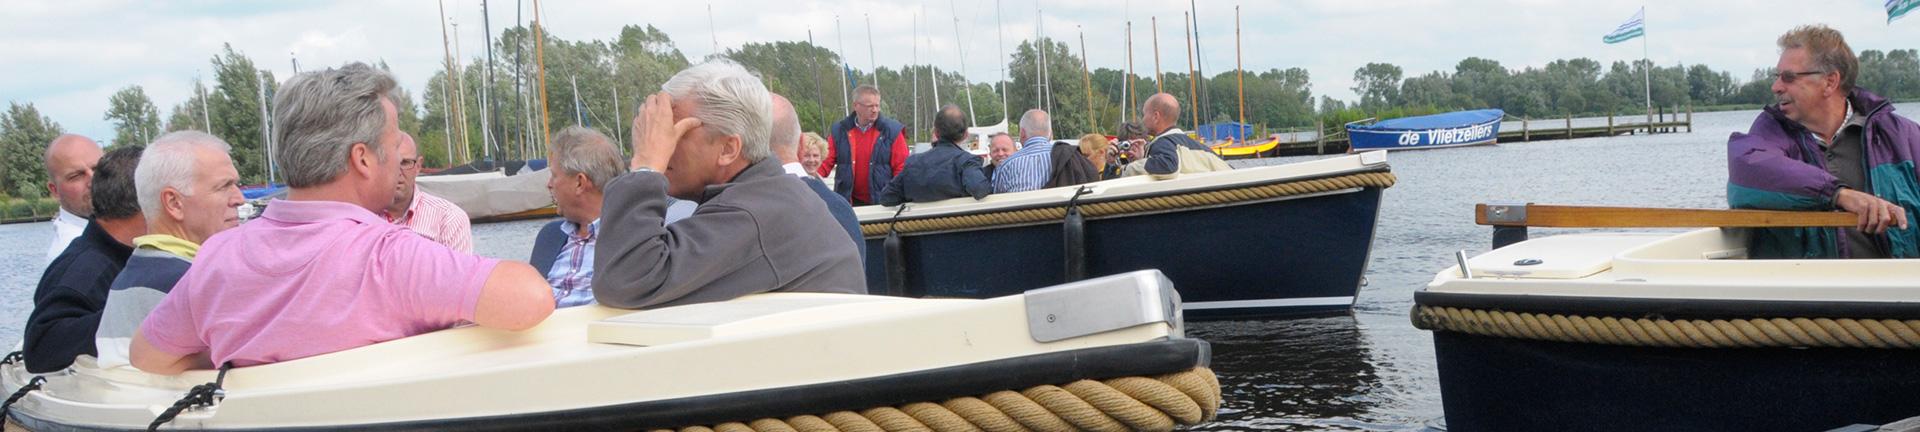 VOC-Header-Rondvaart-003